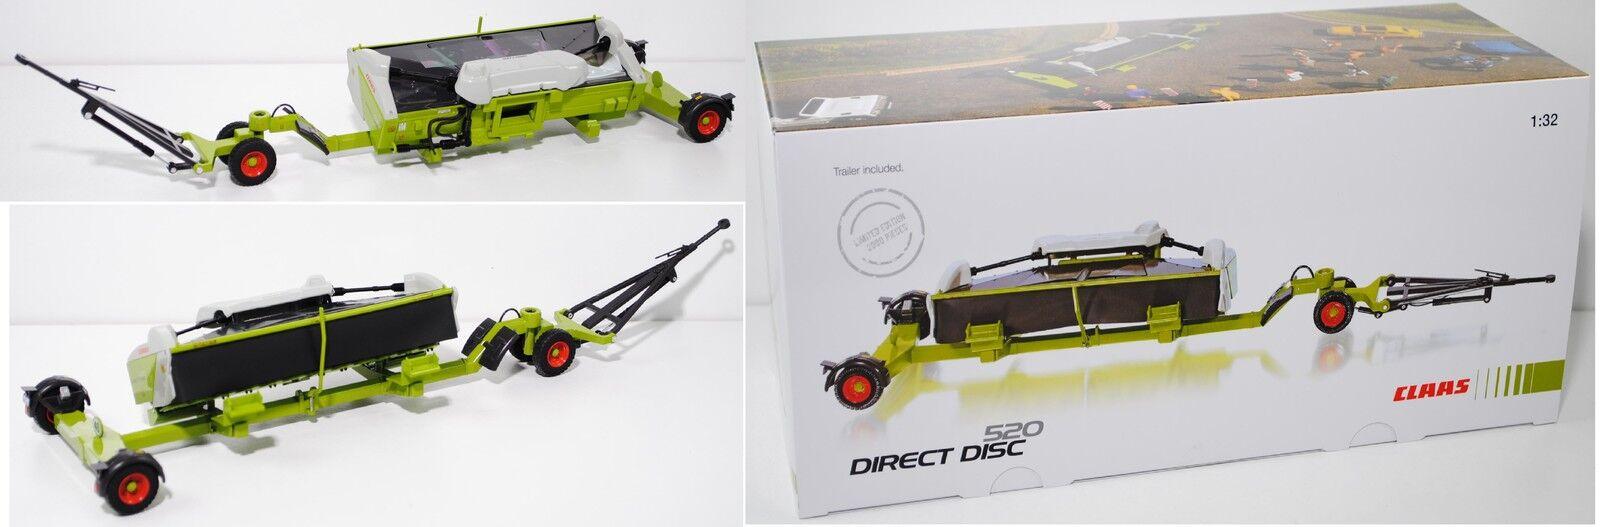 Wiking 077825 Claas Direct Disc 520 con taglio fabbrica auto 1:32 SCATOLA PUBBLICITARIA